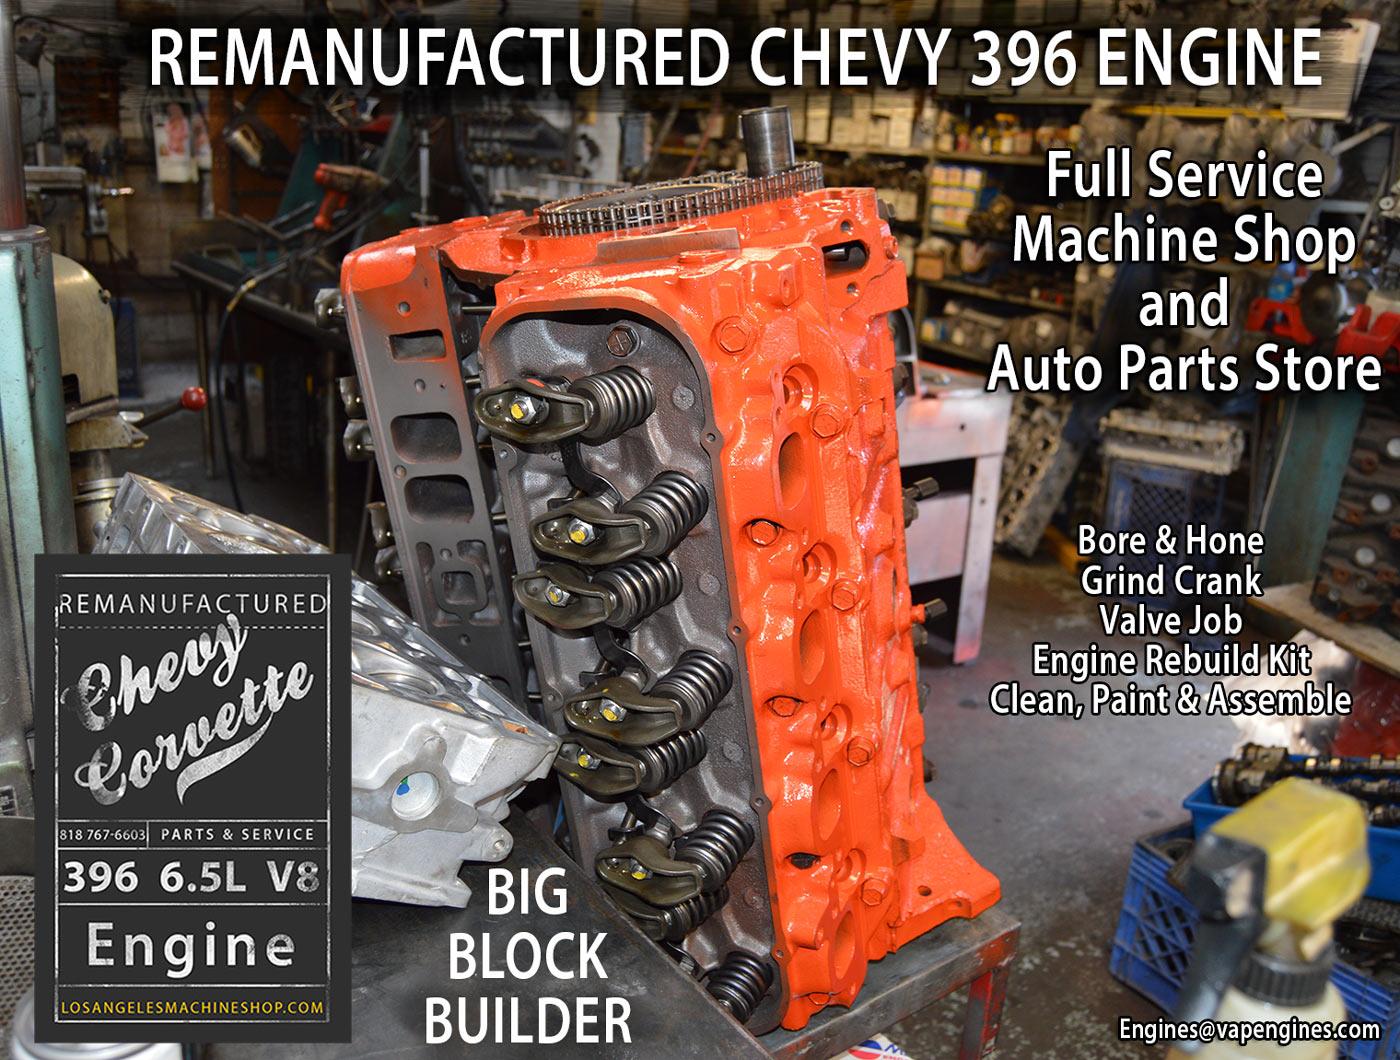 big block chevy  remanufactured engine los angeles machine shop engine rebuilderauto